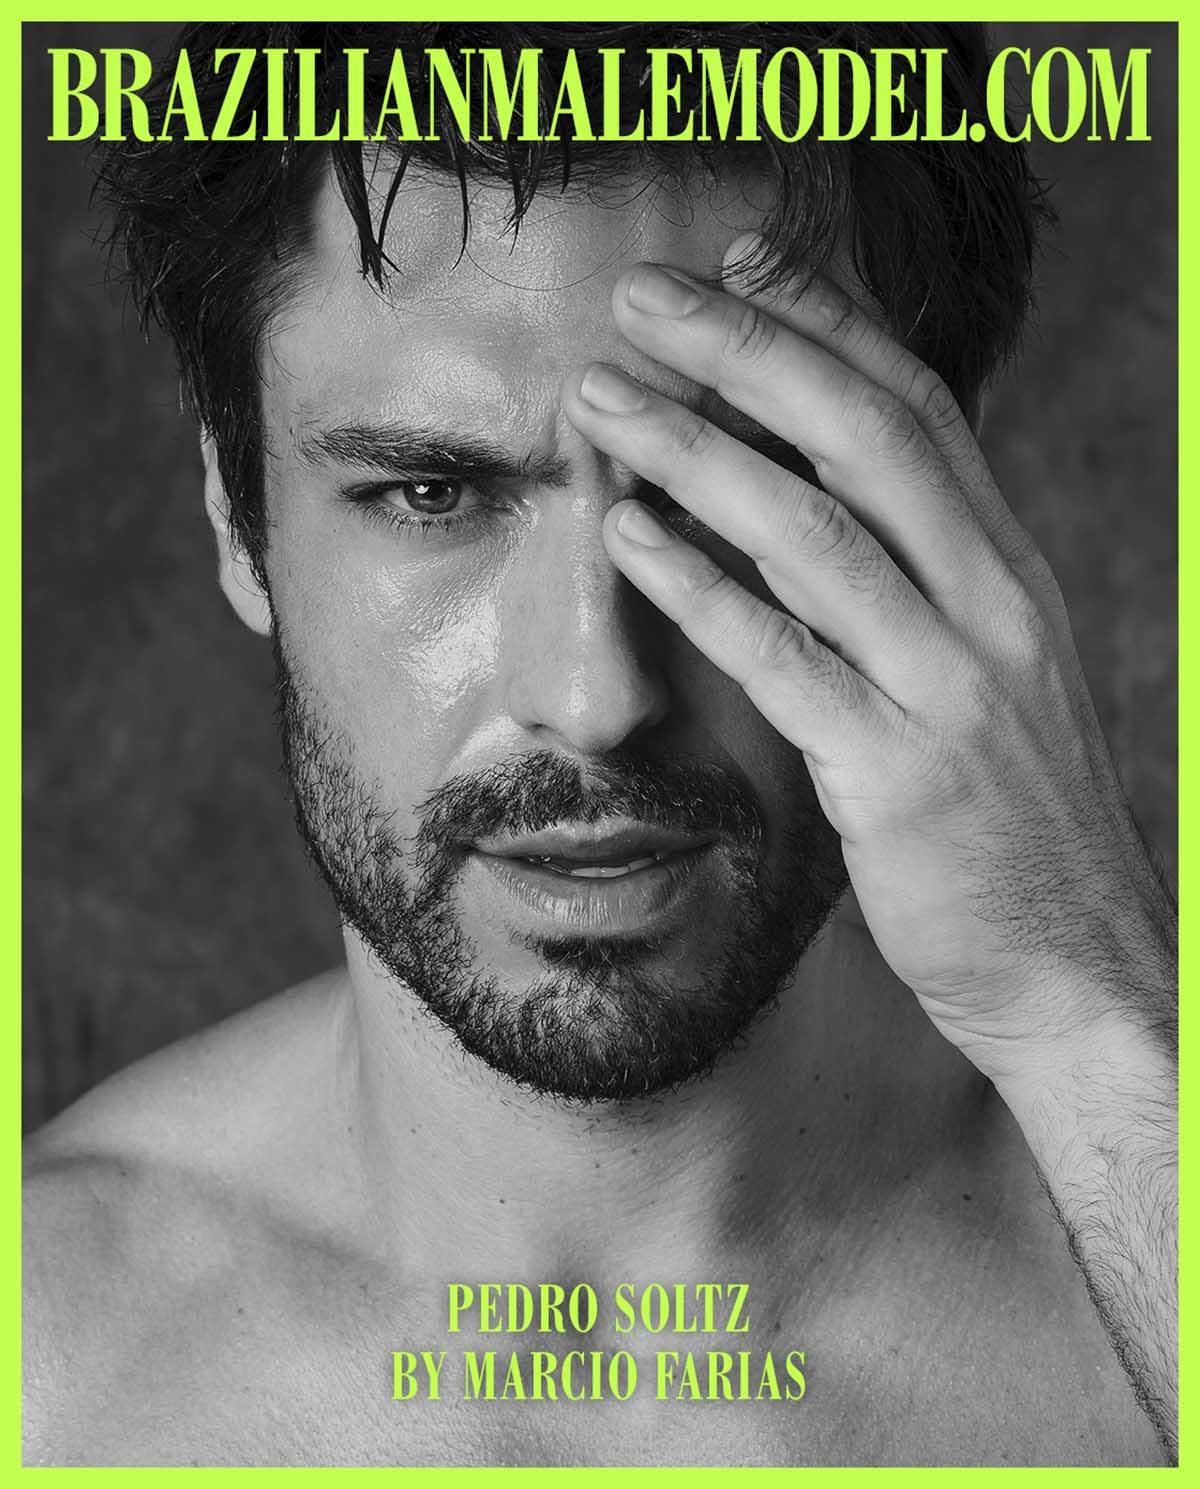 Pedro Soltz by Marcio Farias